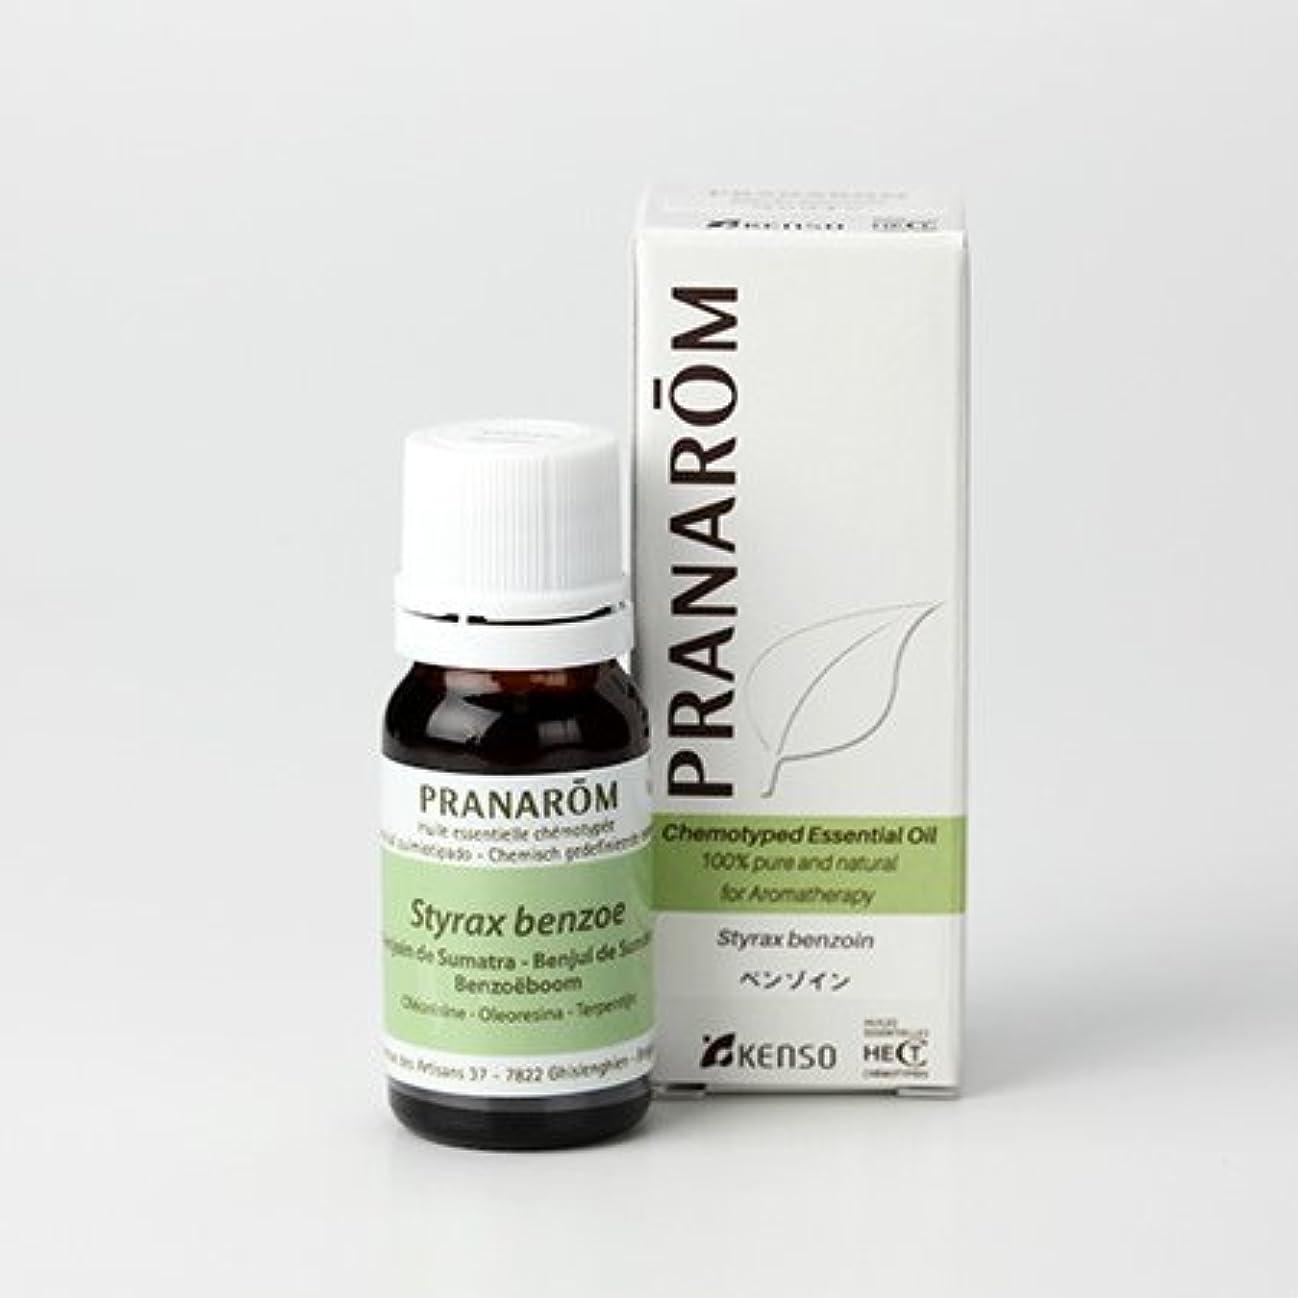 合併症フローティングブルームプラナロム エッセンシャルオイル べンゾイン 10ml